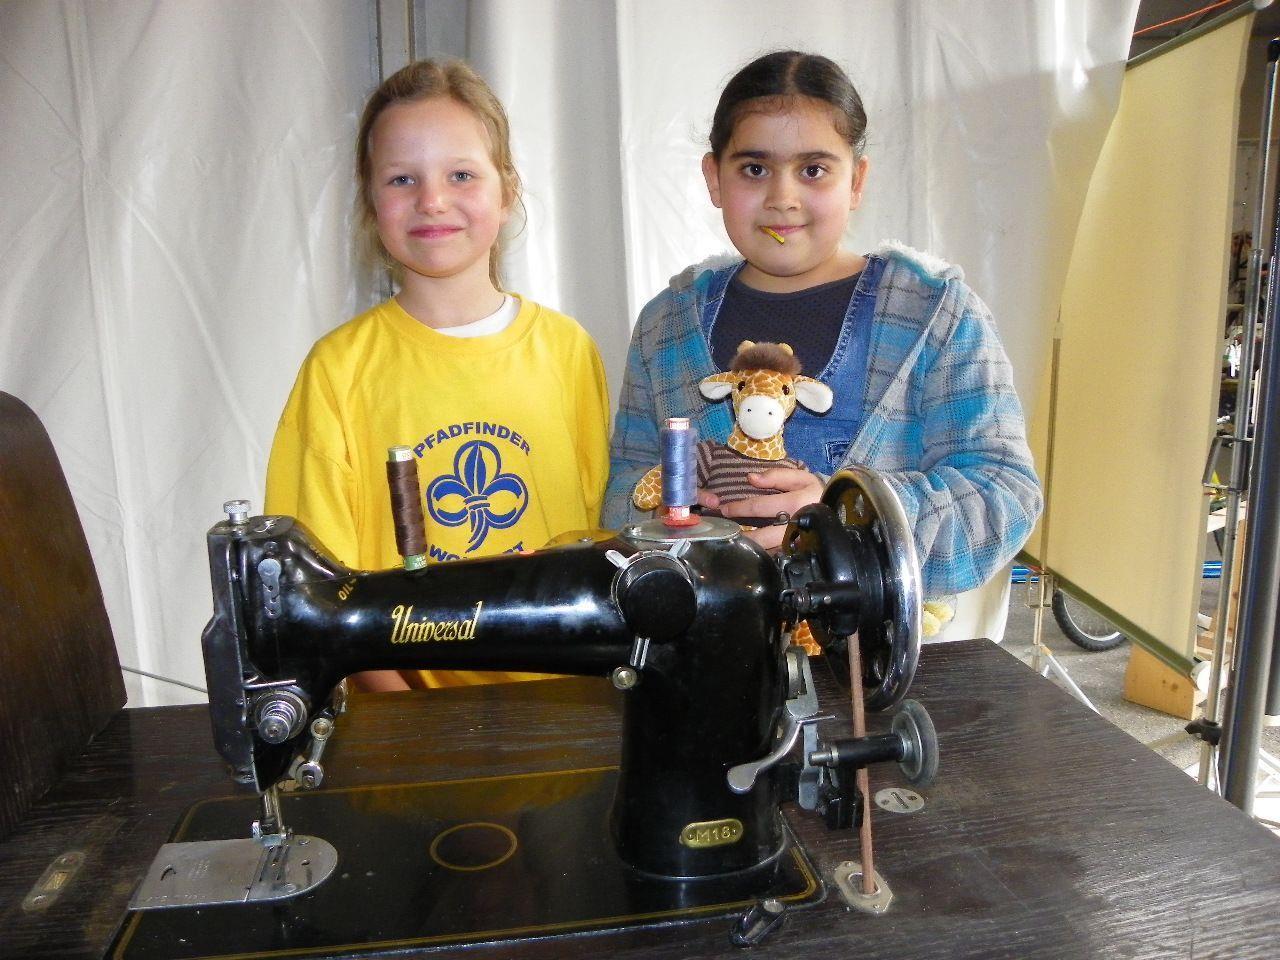 Elena-Sophie und Melda bieten eine Nähmaschine zum Kauf an